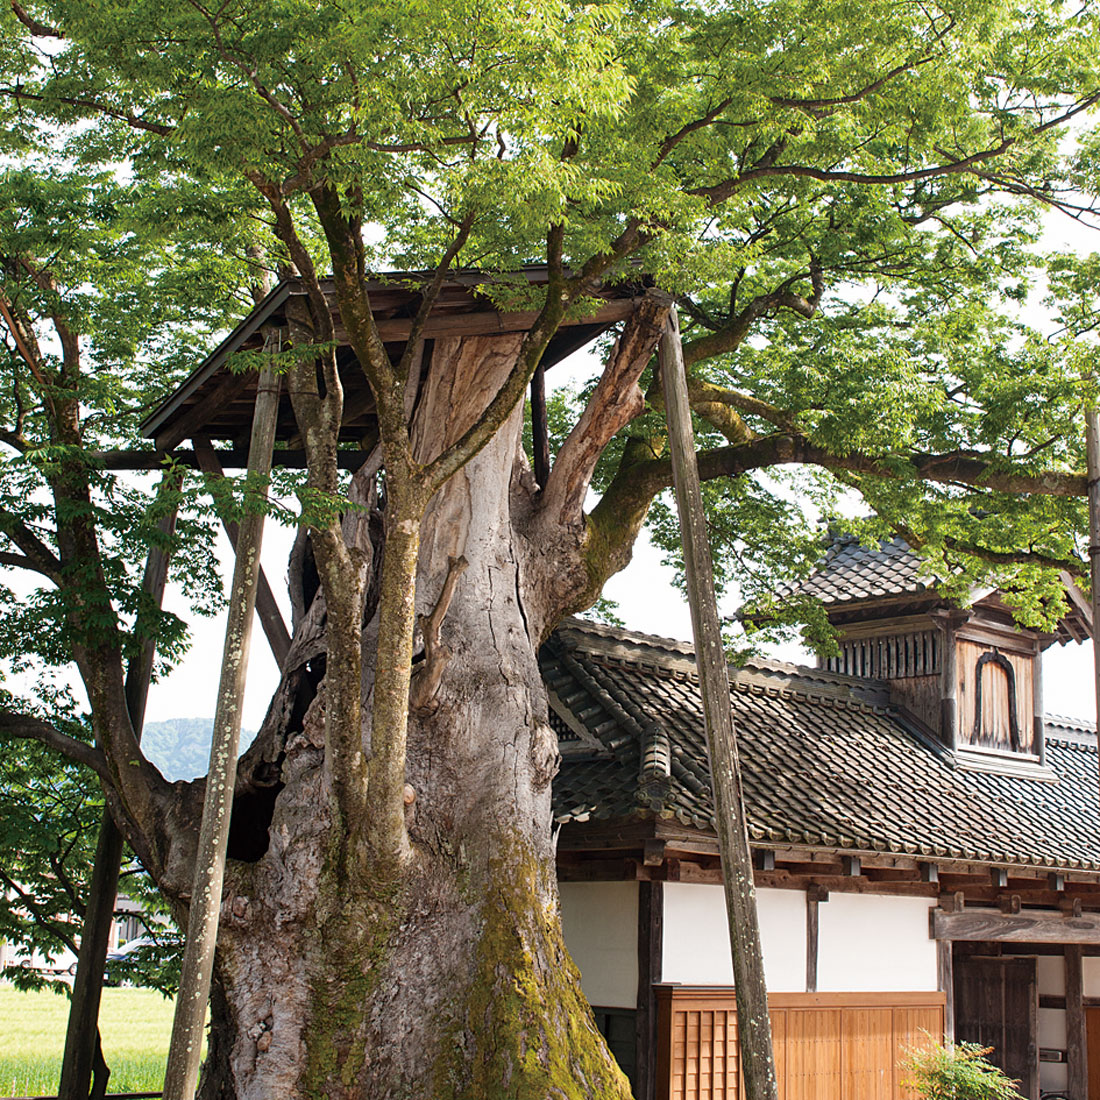 専福寺の大ケヤキ